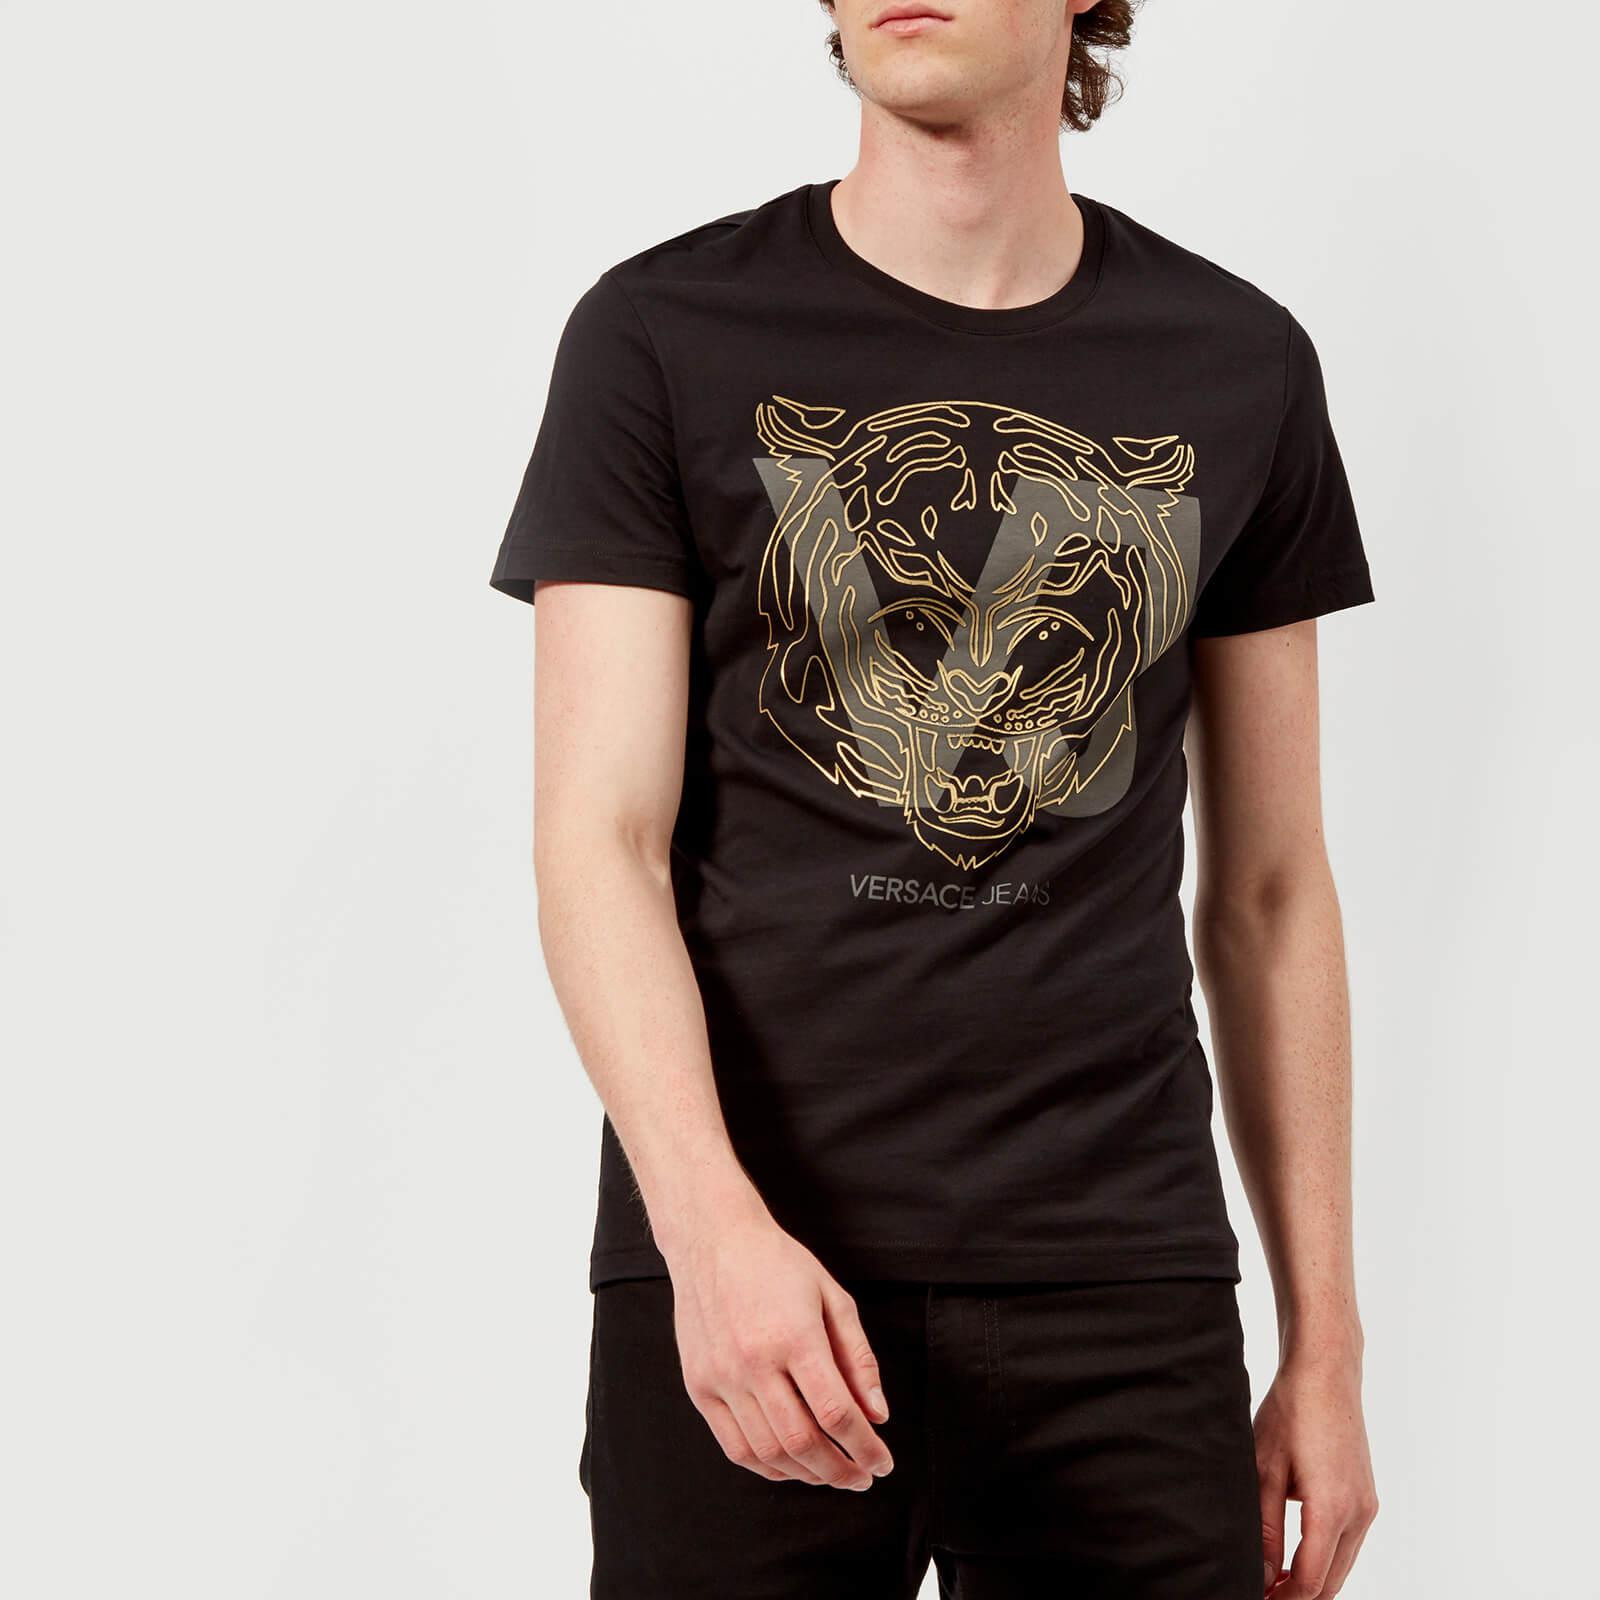 c5d931d3d6e Versace Jeans Men s VJ Tiger T-Shirt - Black Clothing